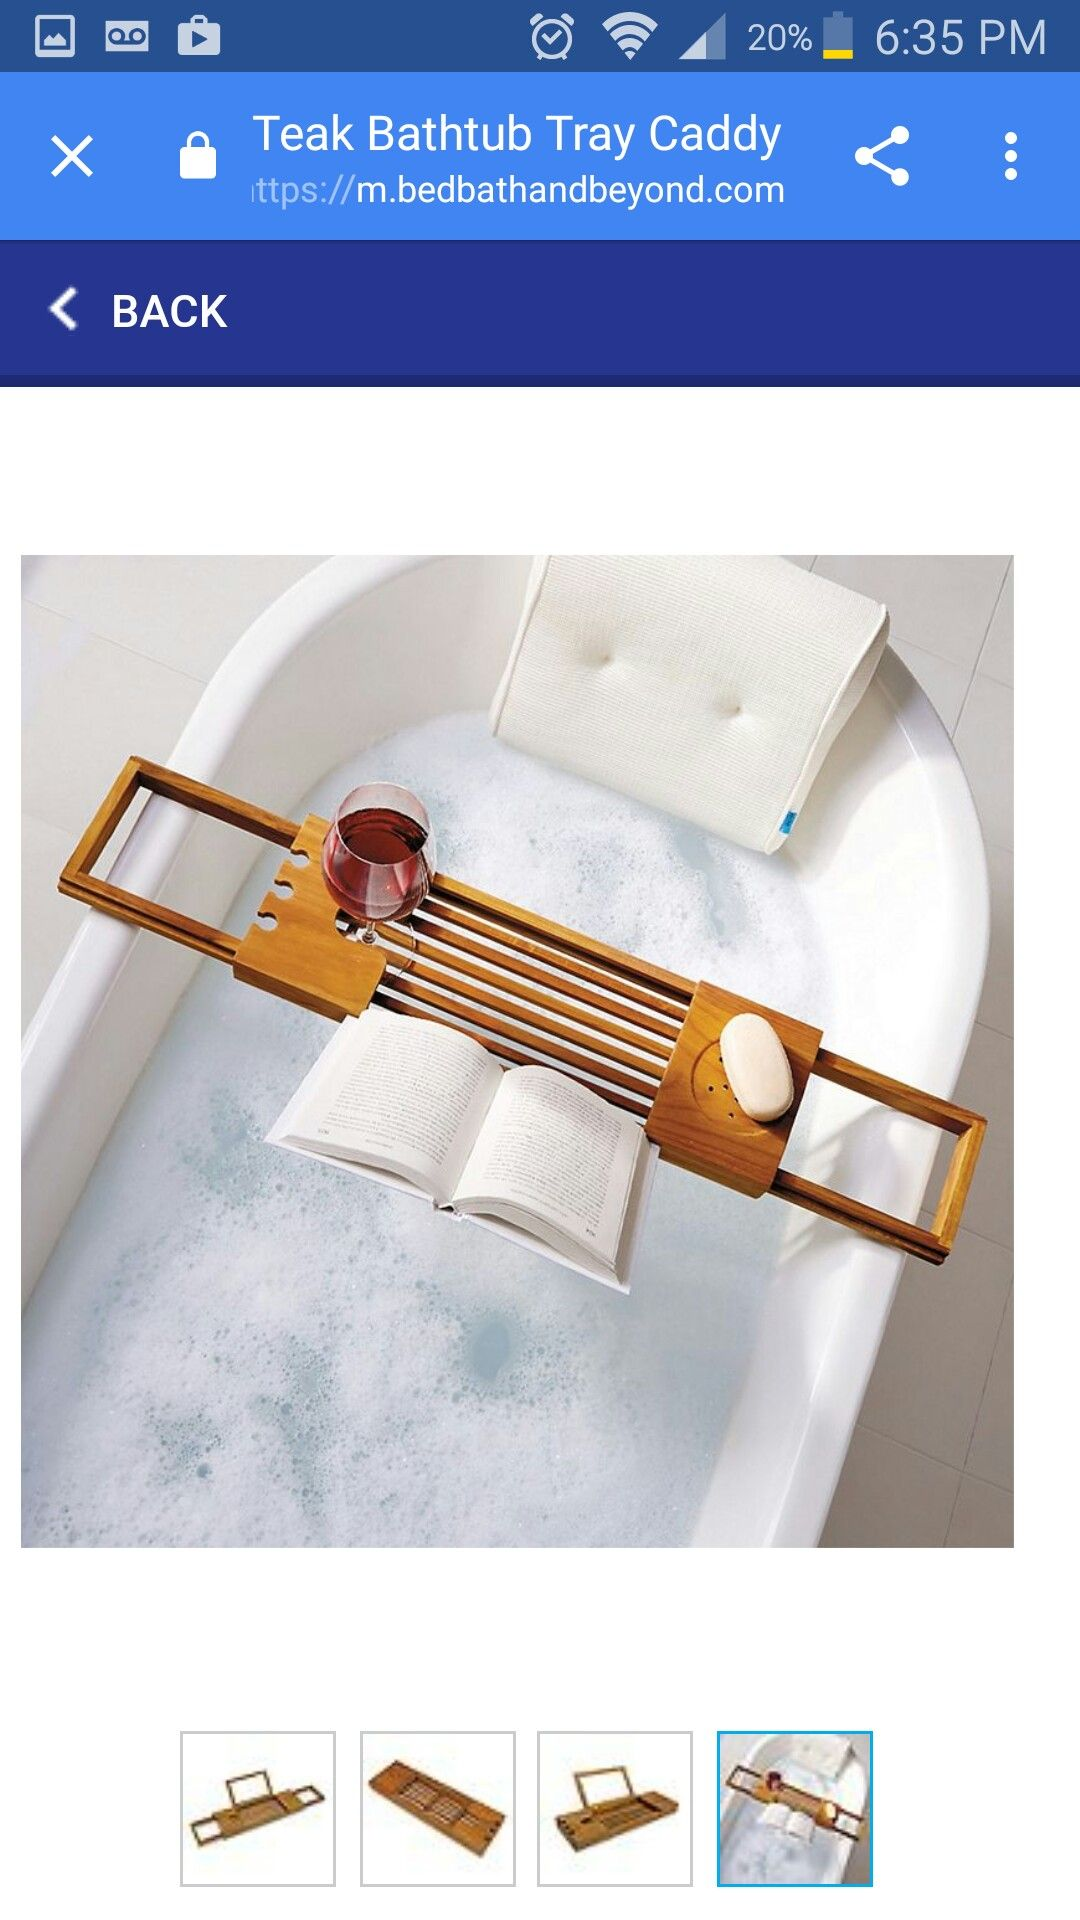 Bath Caddy From Bed Bath And Beyond Bath Tray Caddy